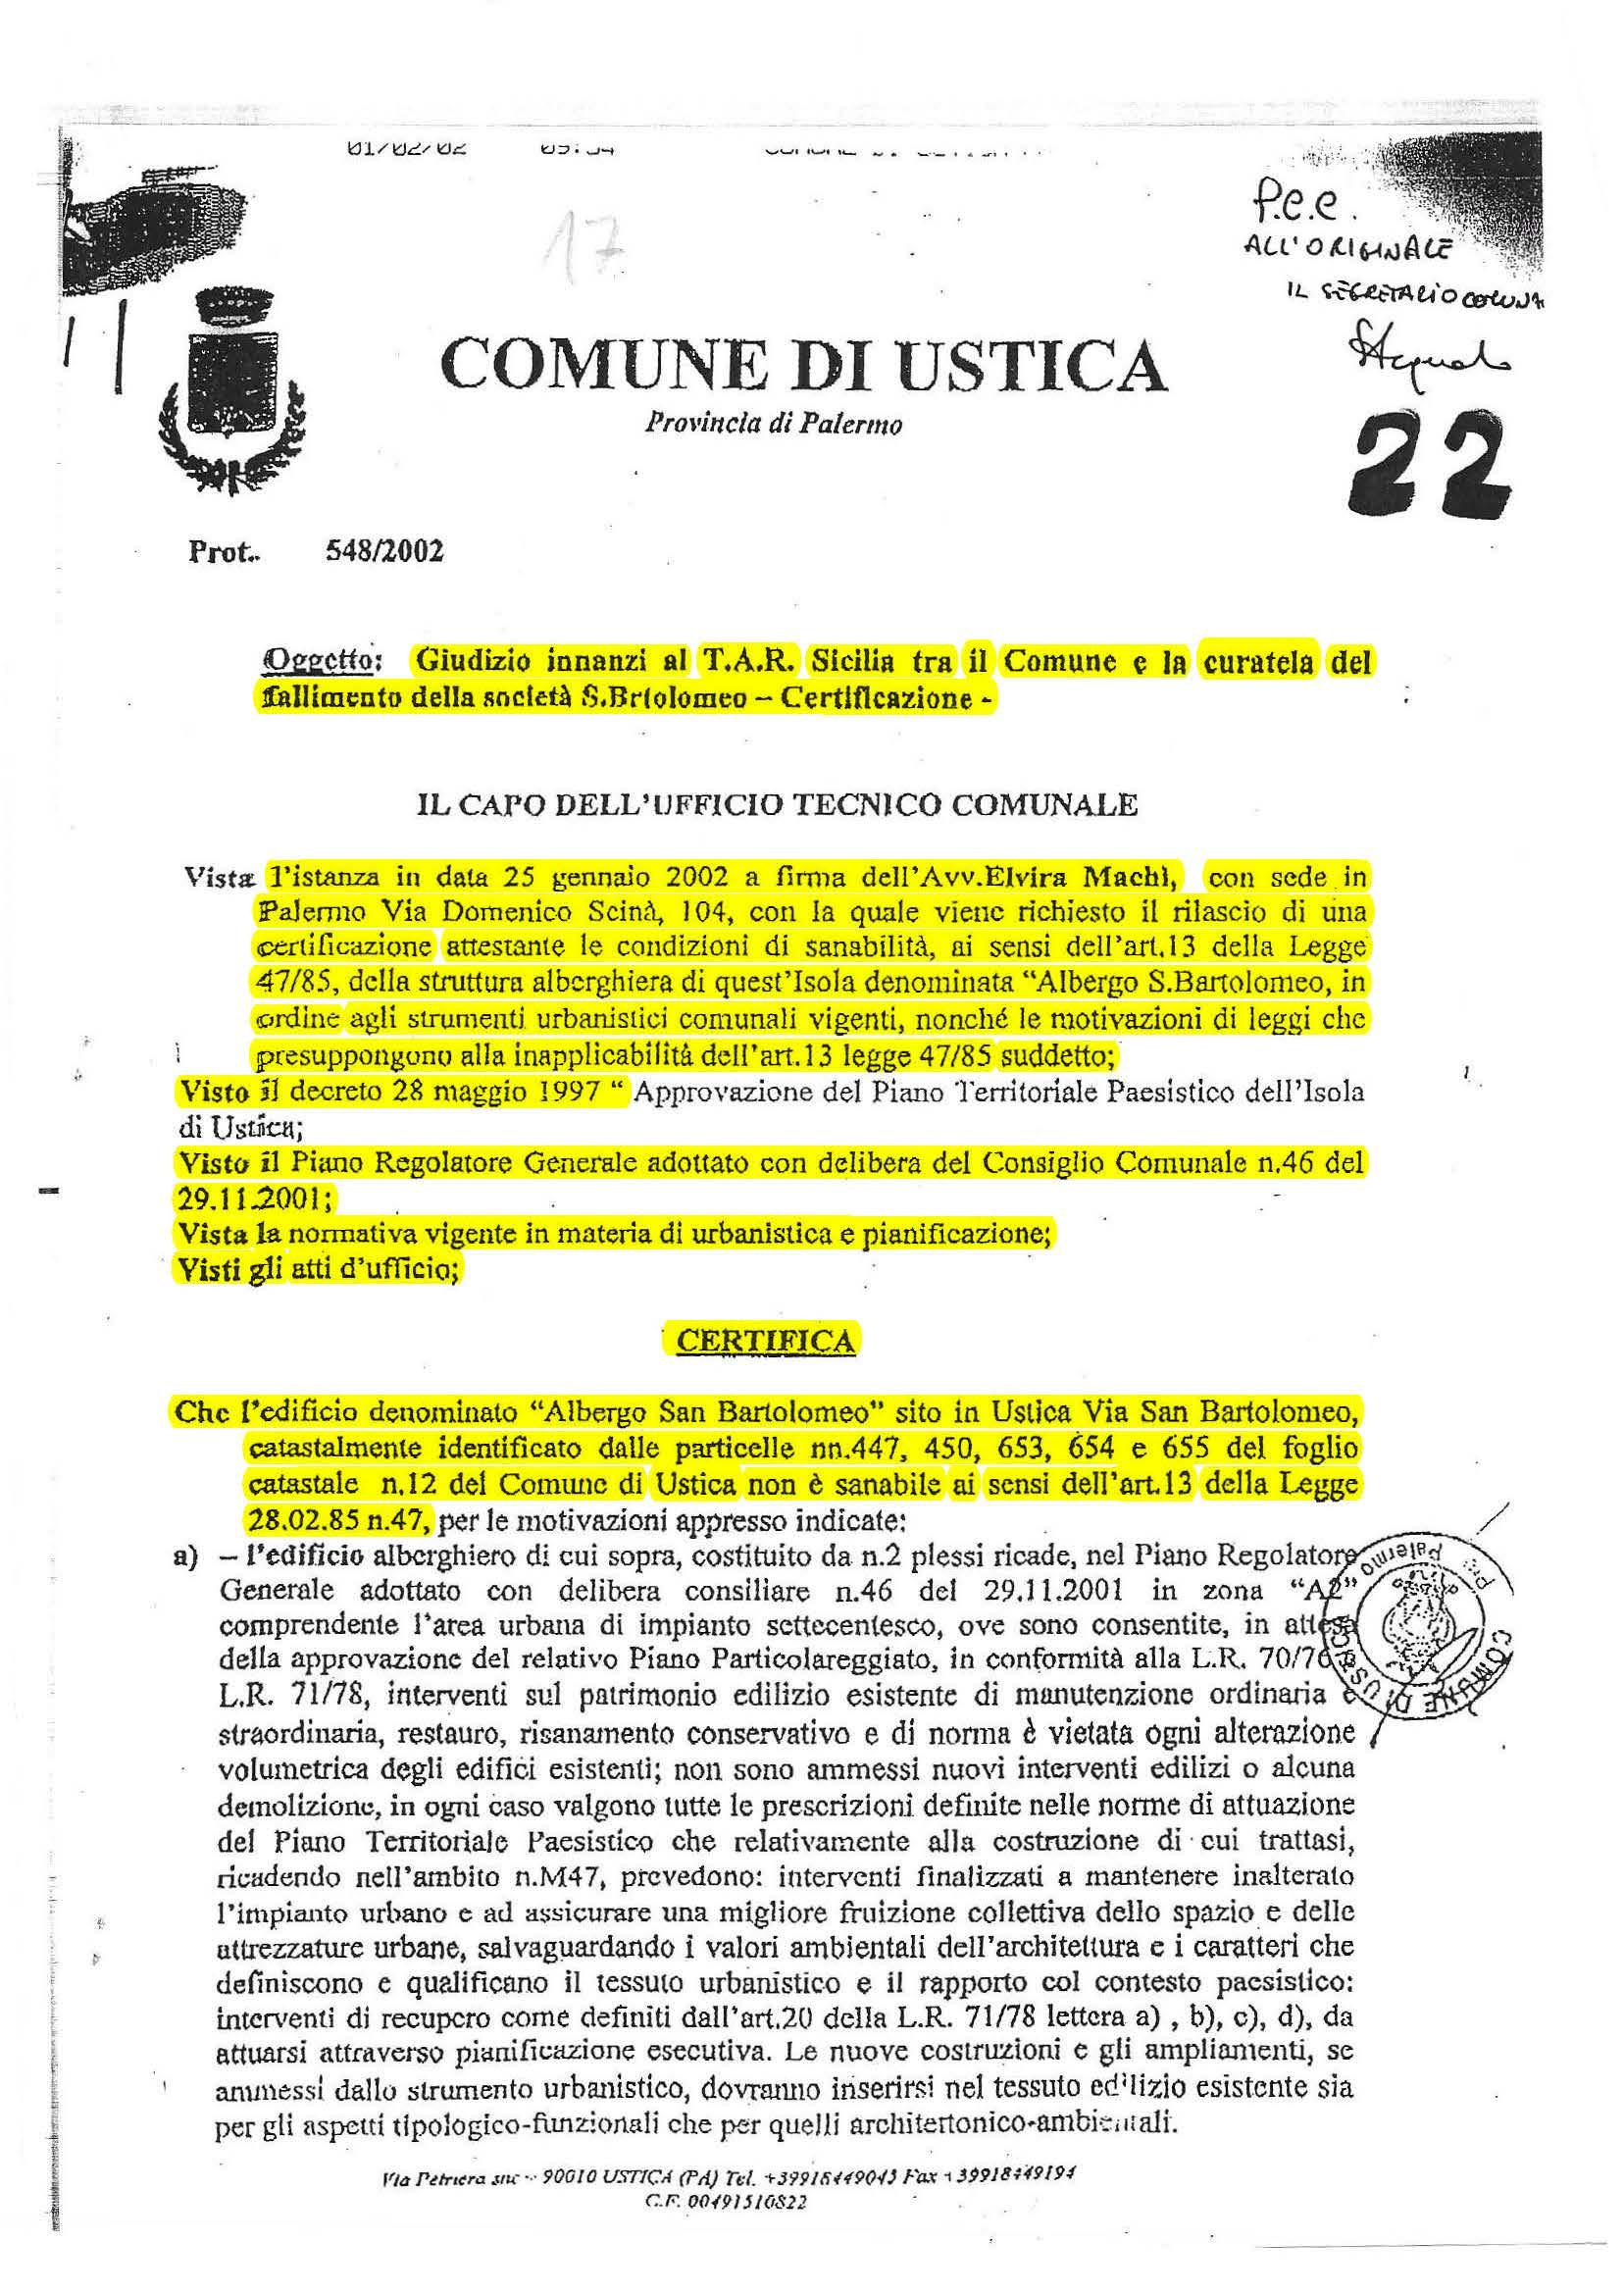 Certificazione Hotel San Bartolomeo UTC del Comune 2002 uso legale per T.A.R.